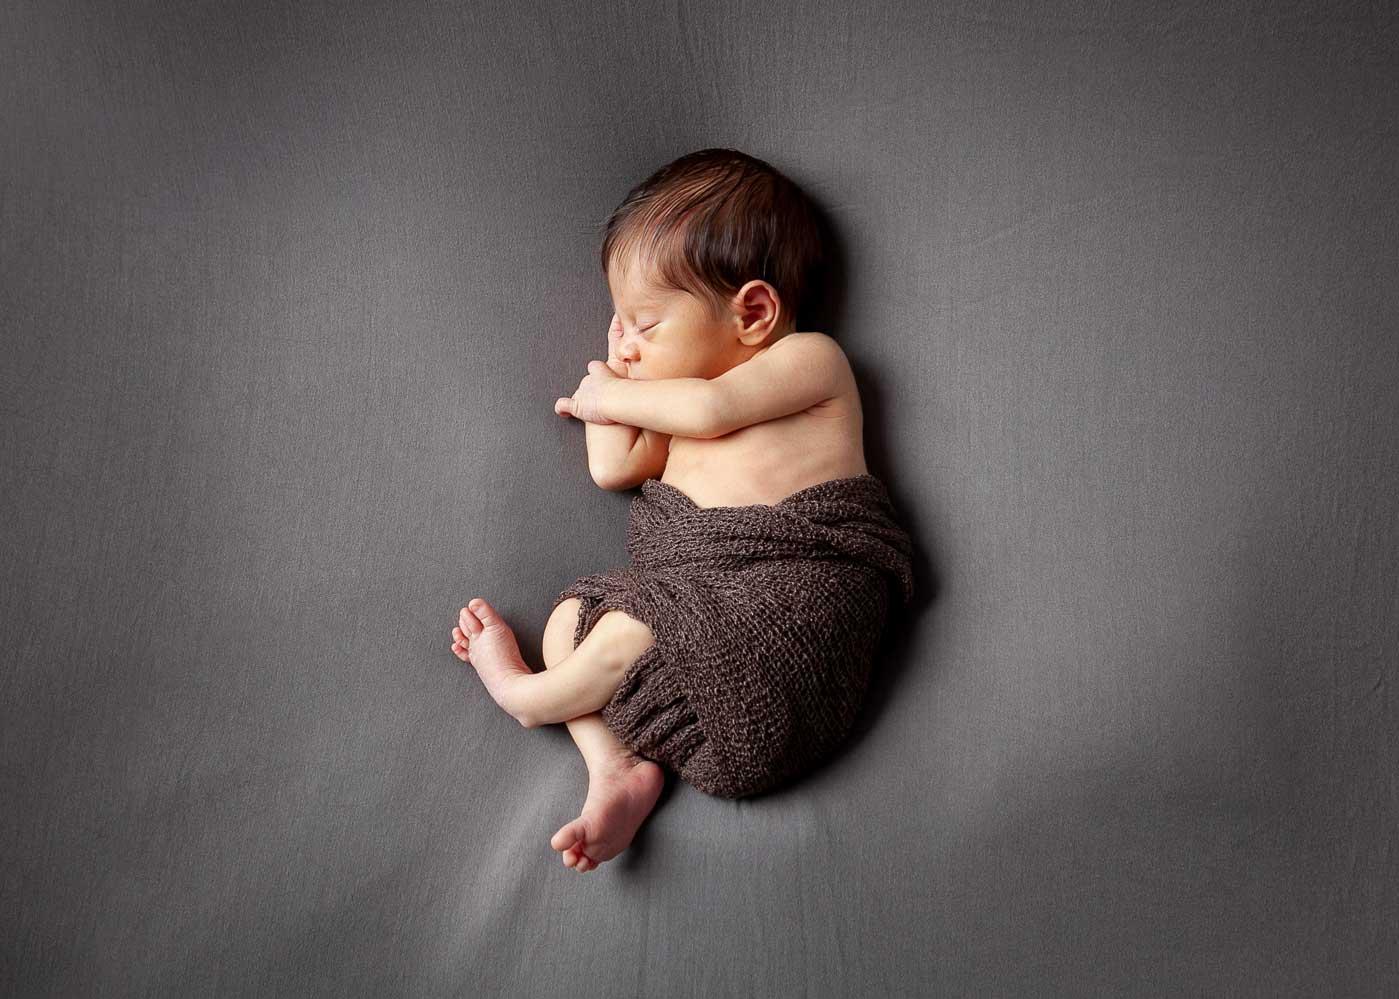 recien nacido foto estudio